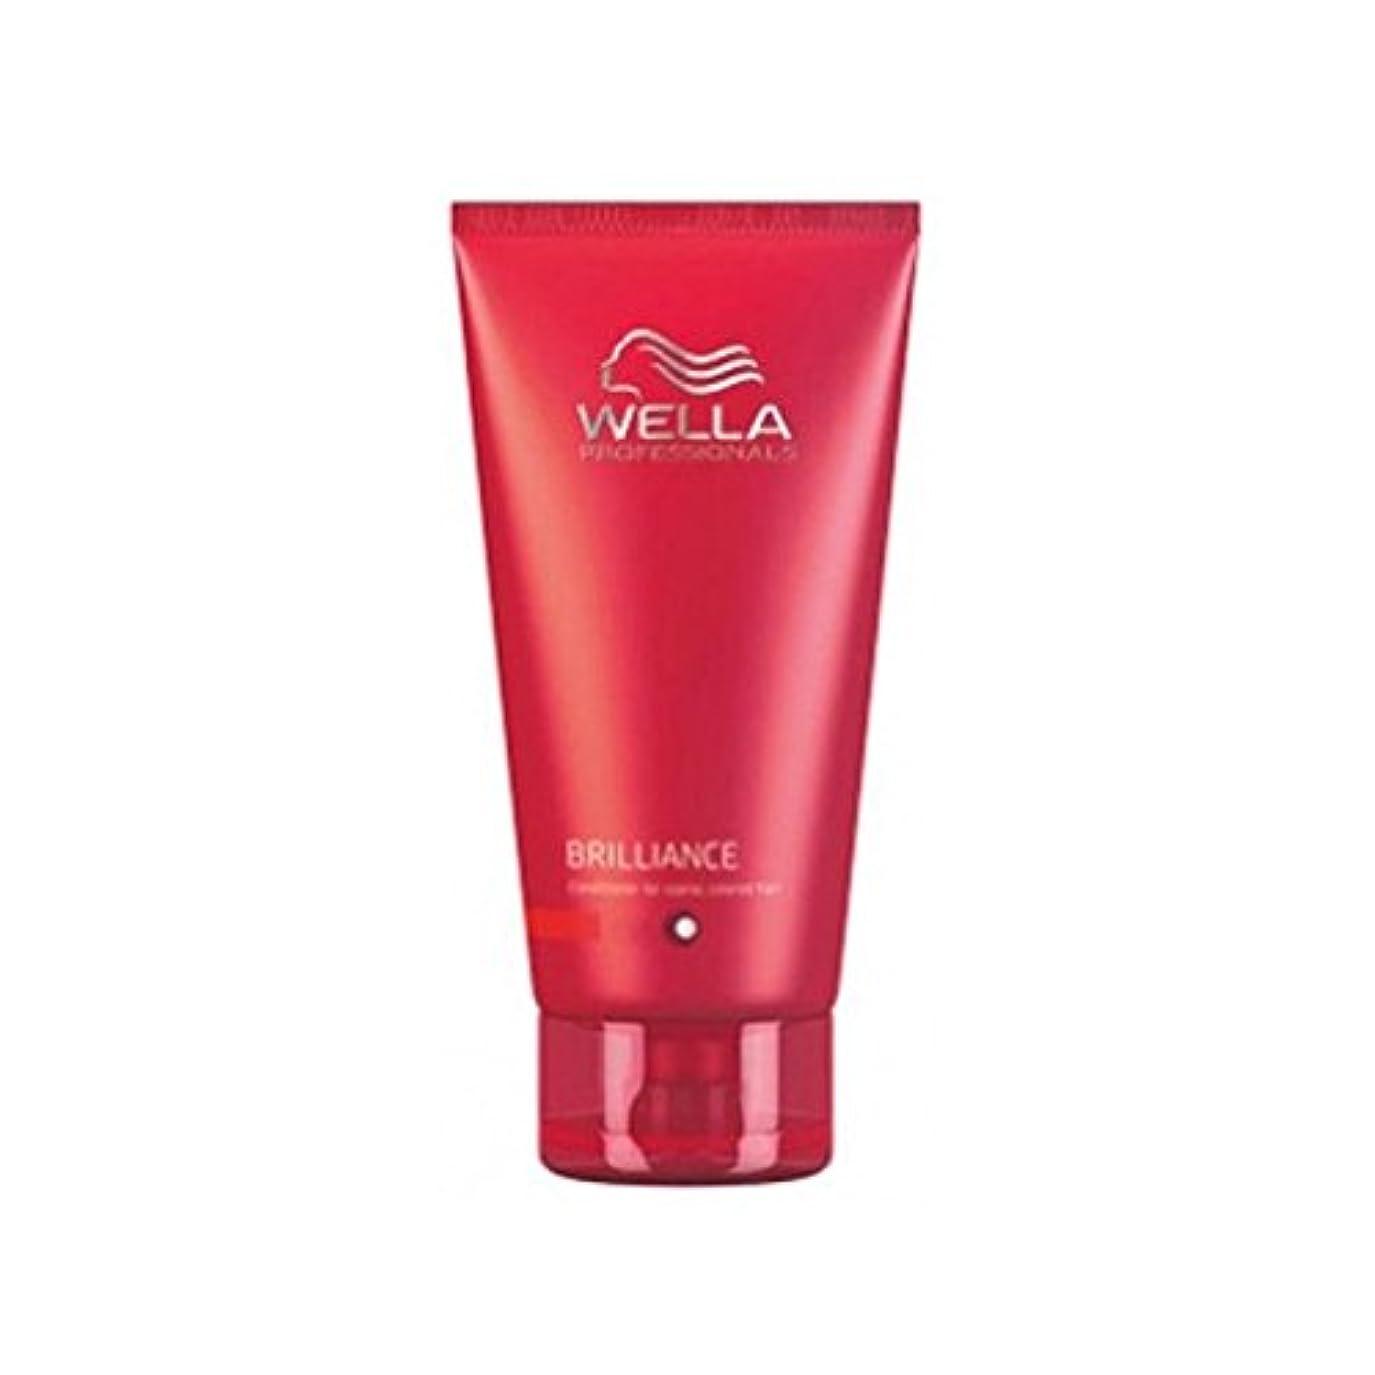 ふつう保持救急車ウェラの専門家が通常に細かいためのコンディショナーを輝き、色の髪(200ミリリットル) x2 - Wella Professionals Brilliance Conditioner For Fine To Normal...